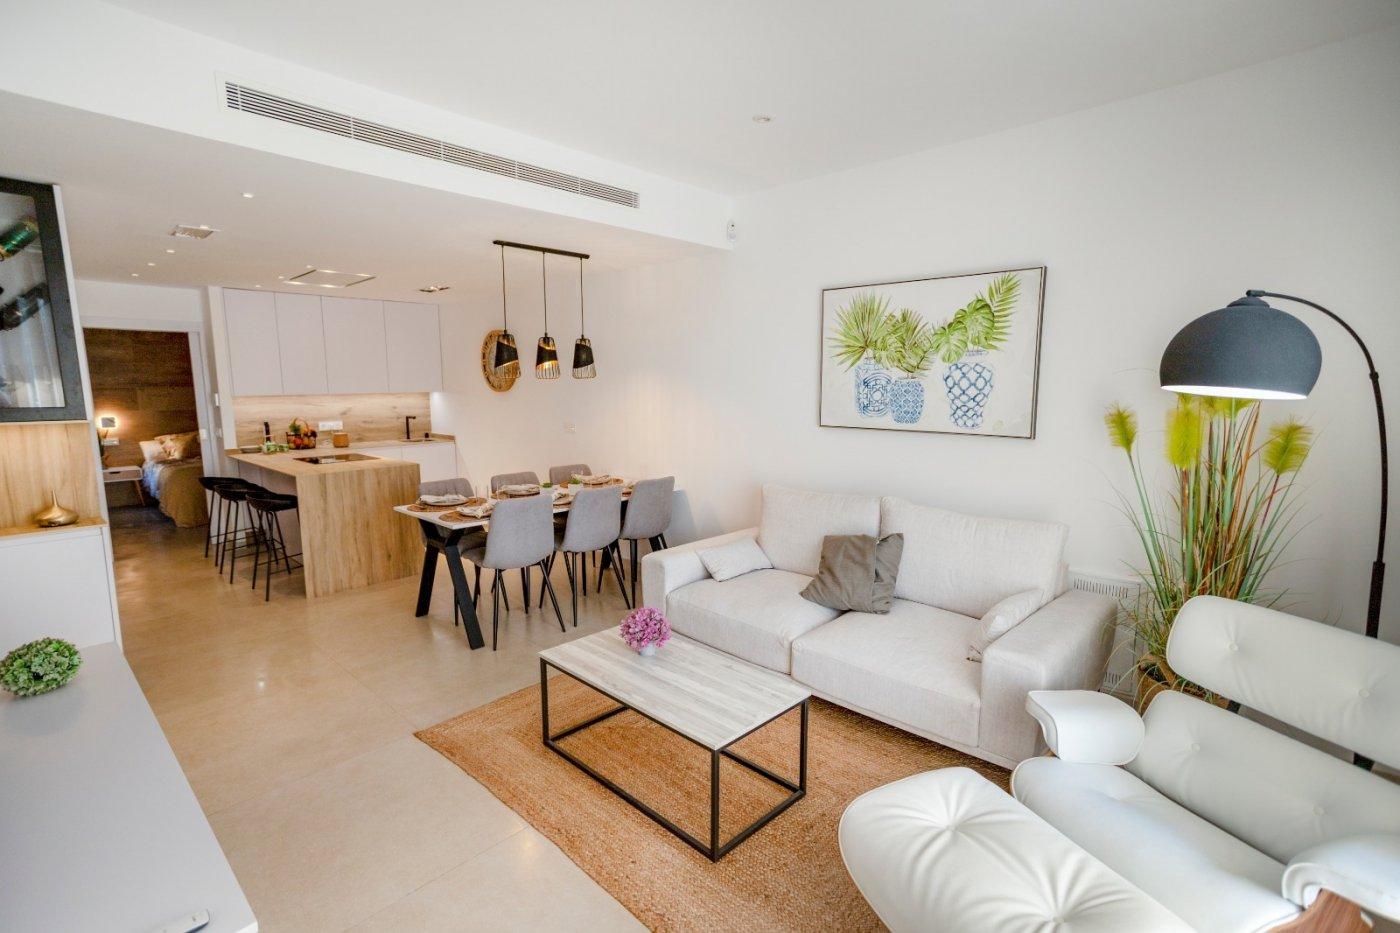 Apartamento moderno en san pedro del pinatar - imagenInmueble3